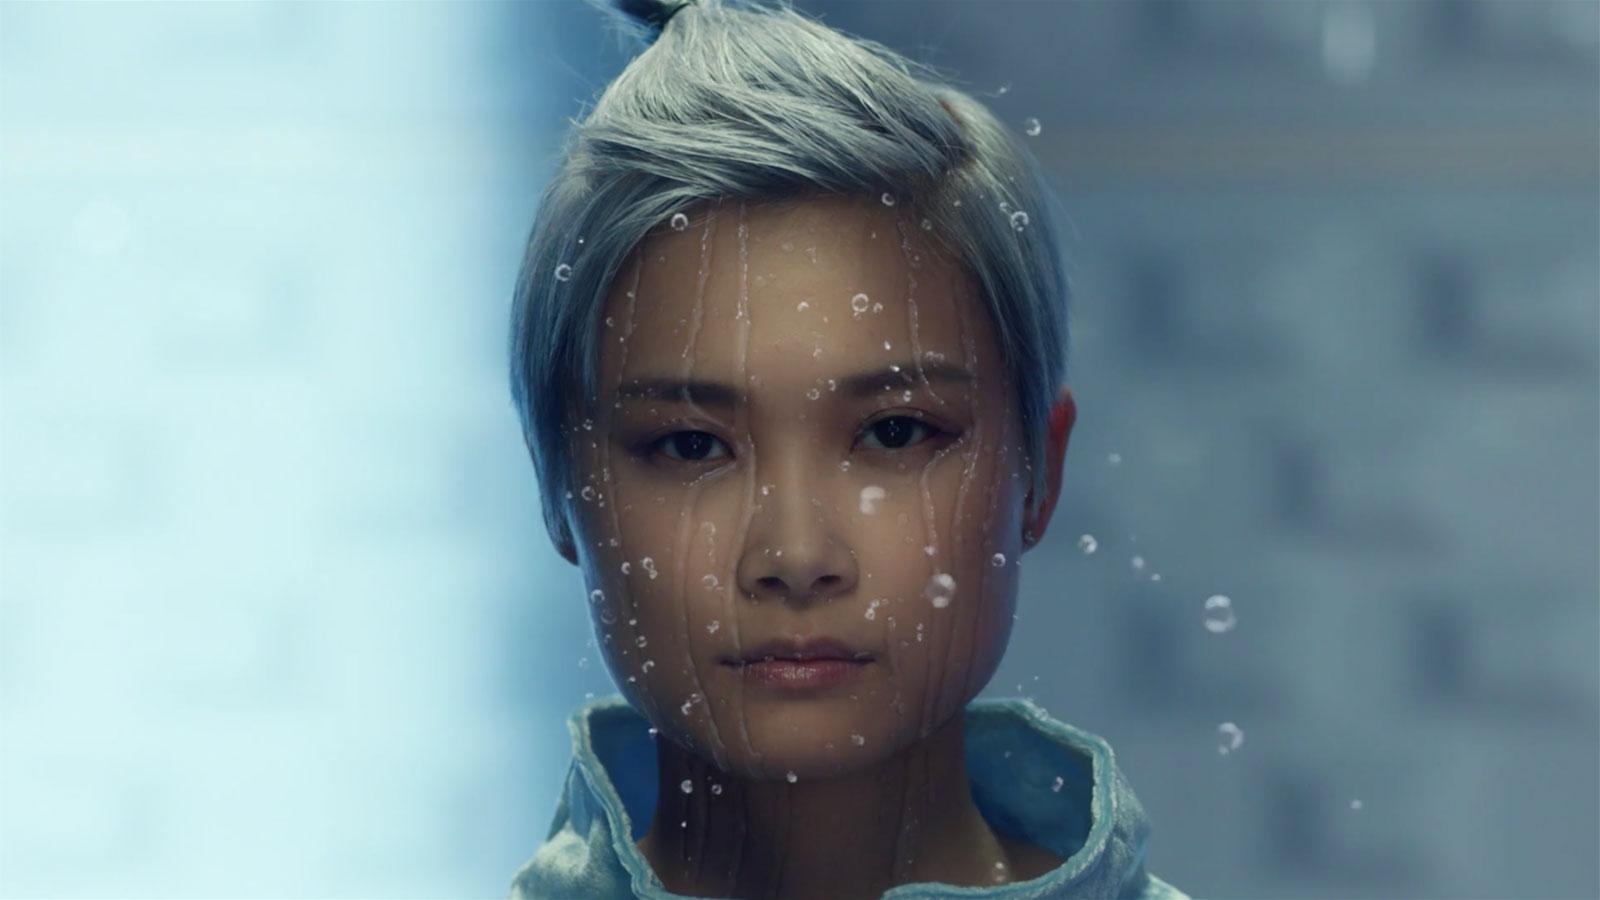 李宇春的新 MV 应用英特尔了的 AI 技术